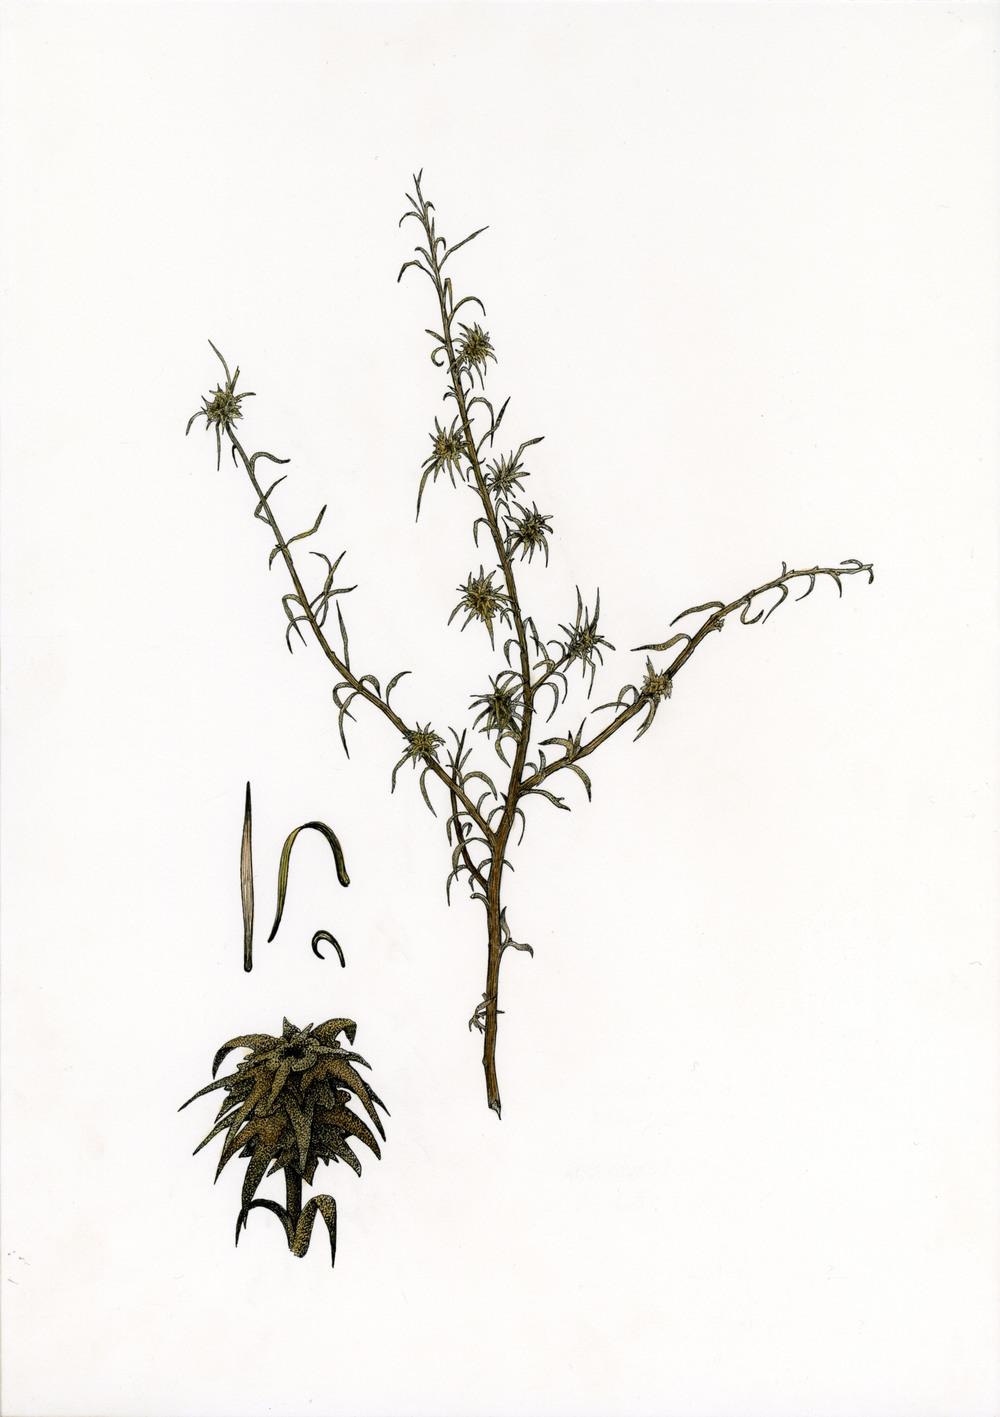 'Euromorphillia'